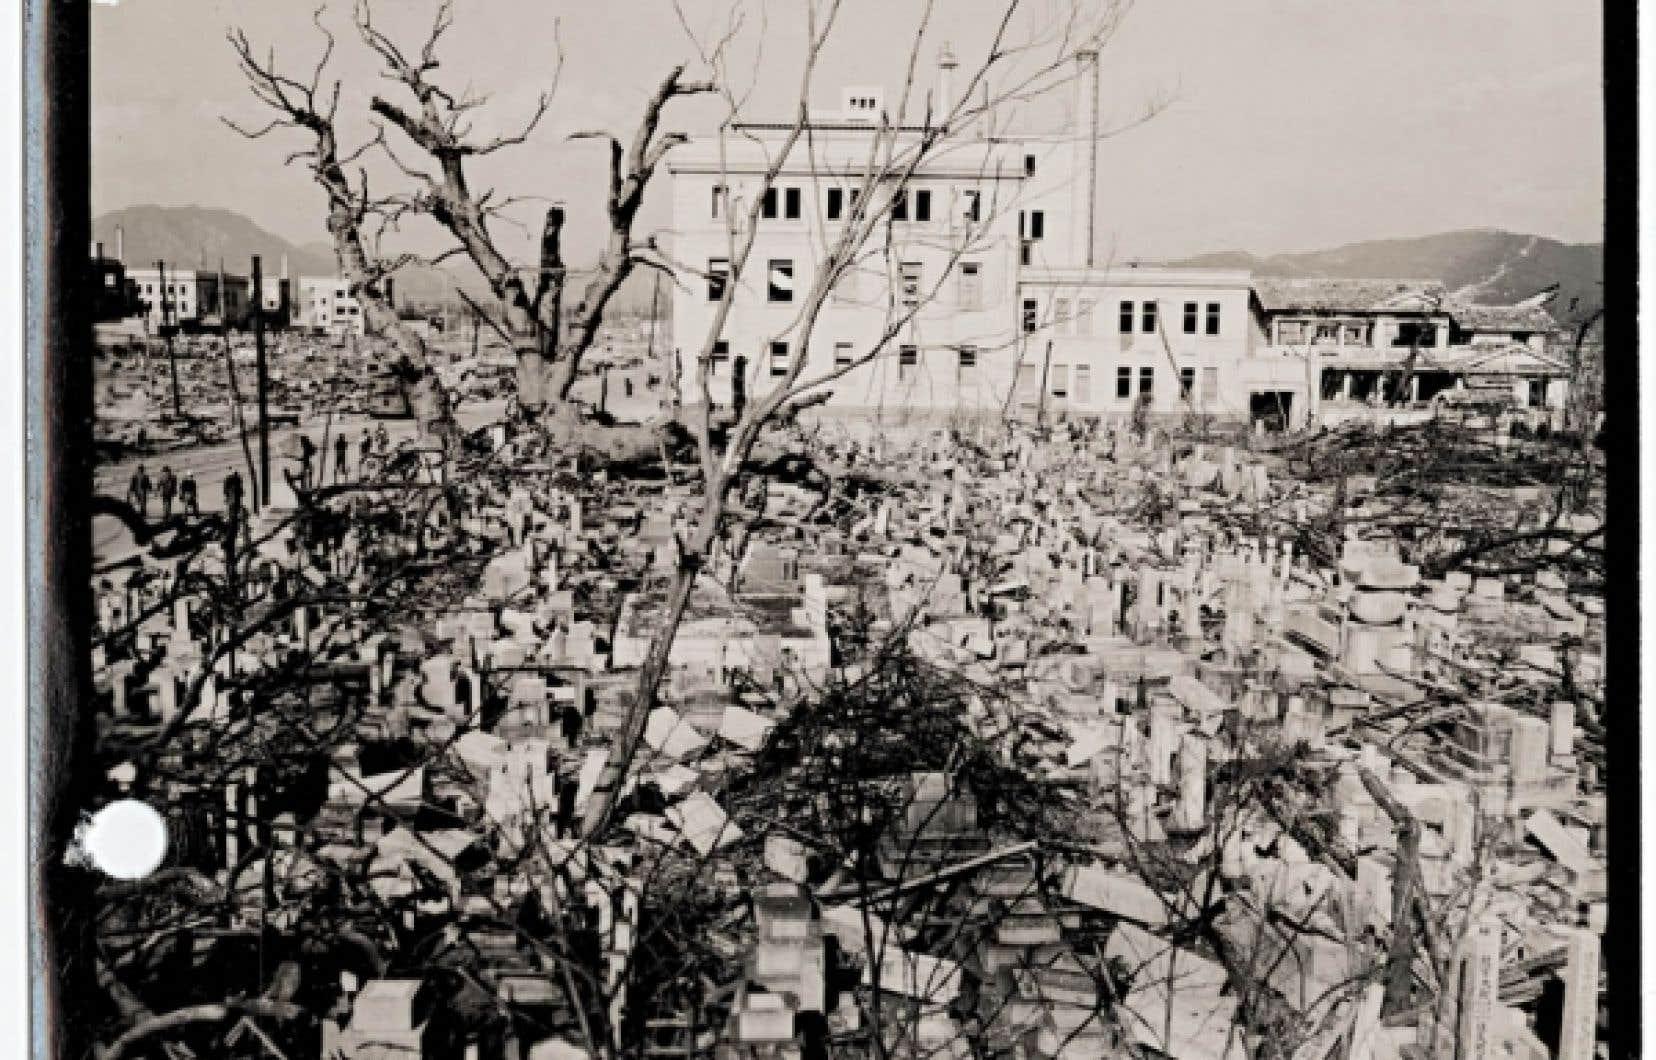 Pierres tombales renversées dans un cimetière appartenant au temple Kokutai, à Hiroshima, après l'explosion de la bombe atomique, le 6 août 1945. En arrière-plan, l'édifice de la Banque nationale du Japon. Photo prise par l'armée de l'air des États-Unis, le 5 novembre 1945.<br />